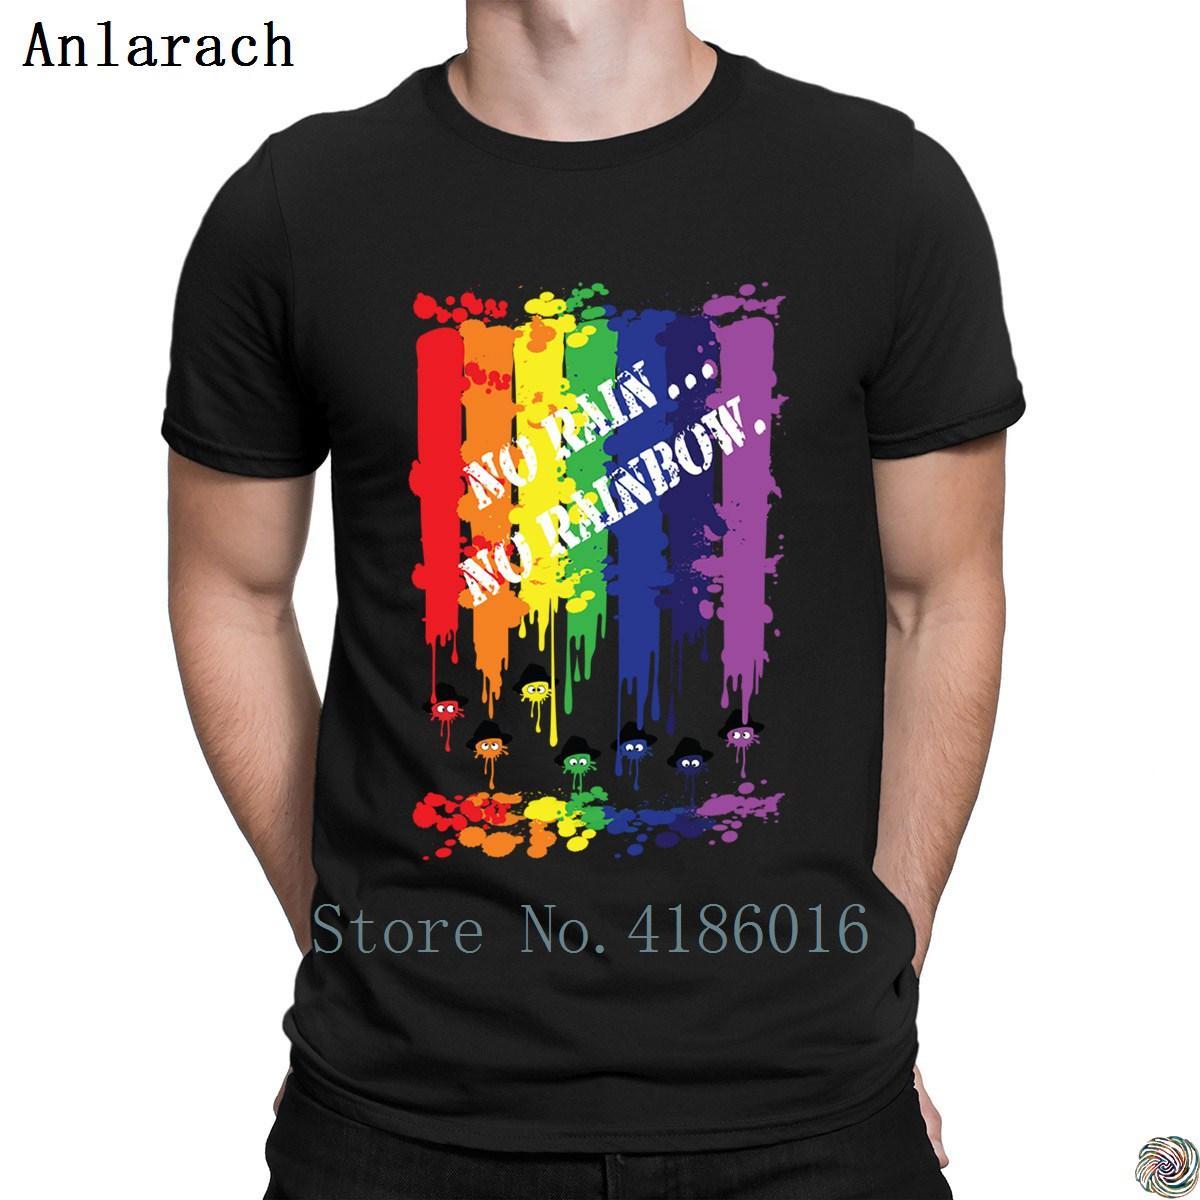 Großhandel Kein Regen Nein Regenbogen T Shirts Bilder Awesome Herren